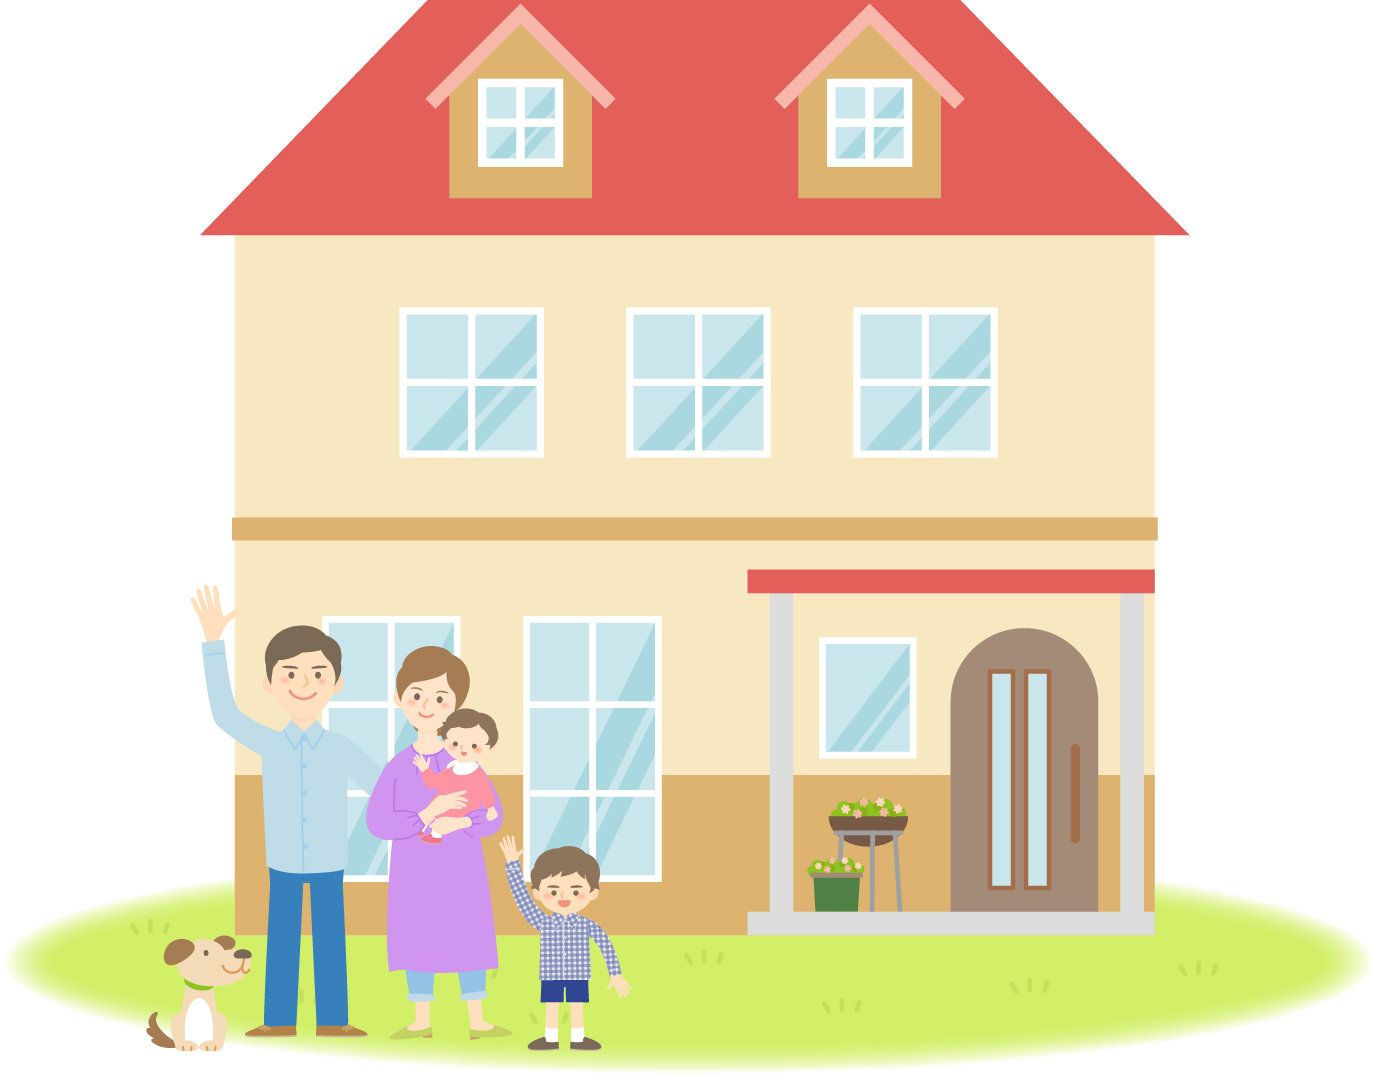 築5年〜10年で家計が厳しくなる人が多い!?相談者から見る資金計画のポイント